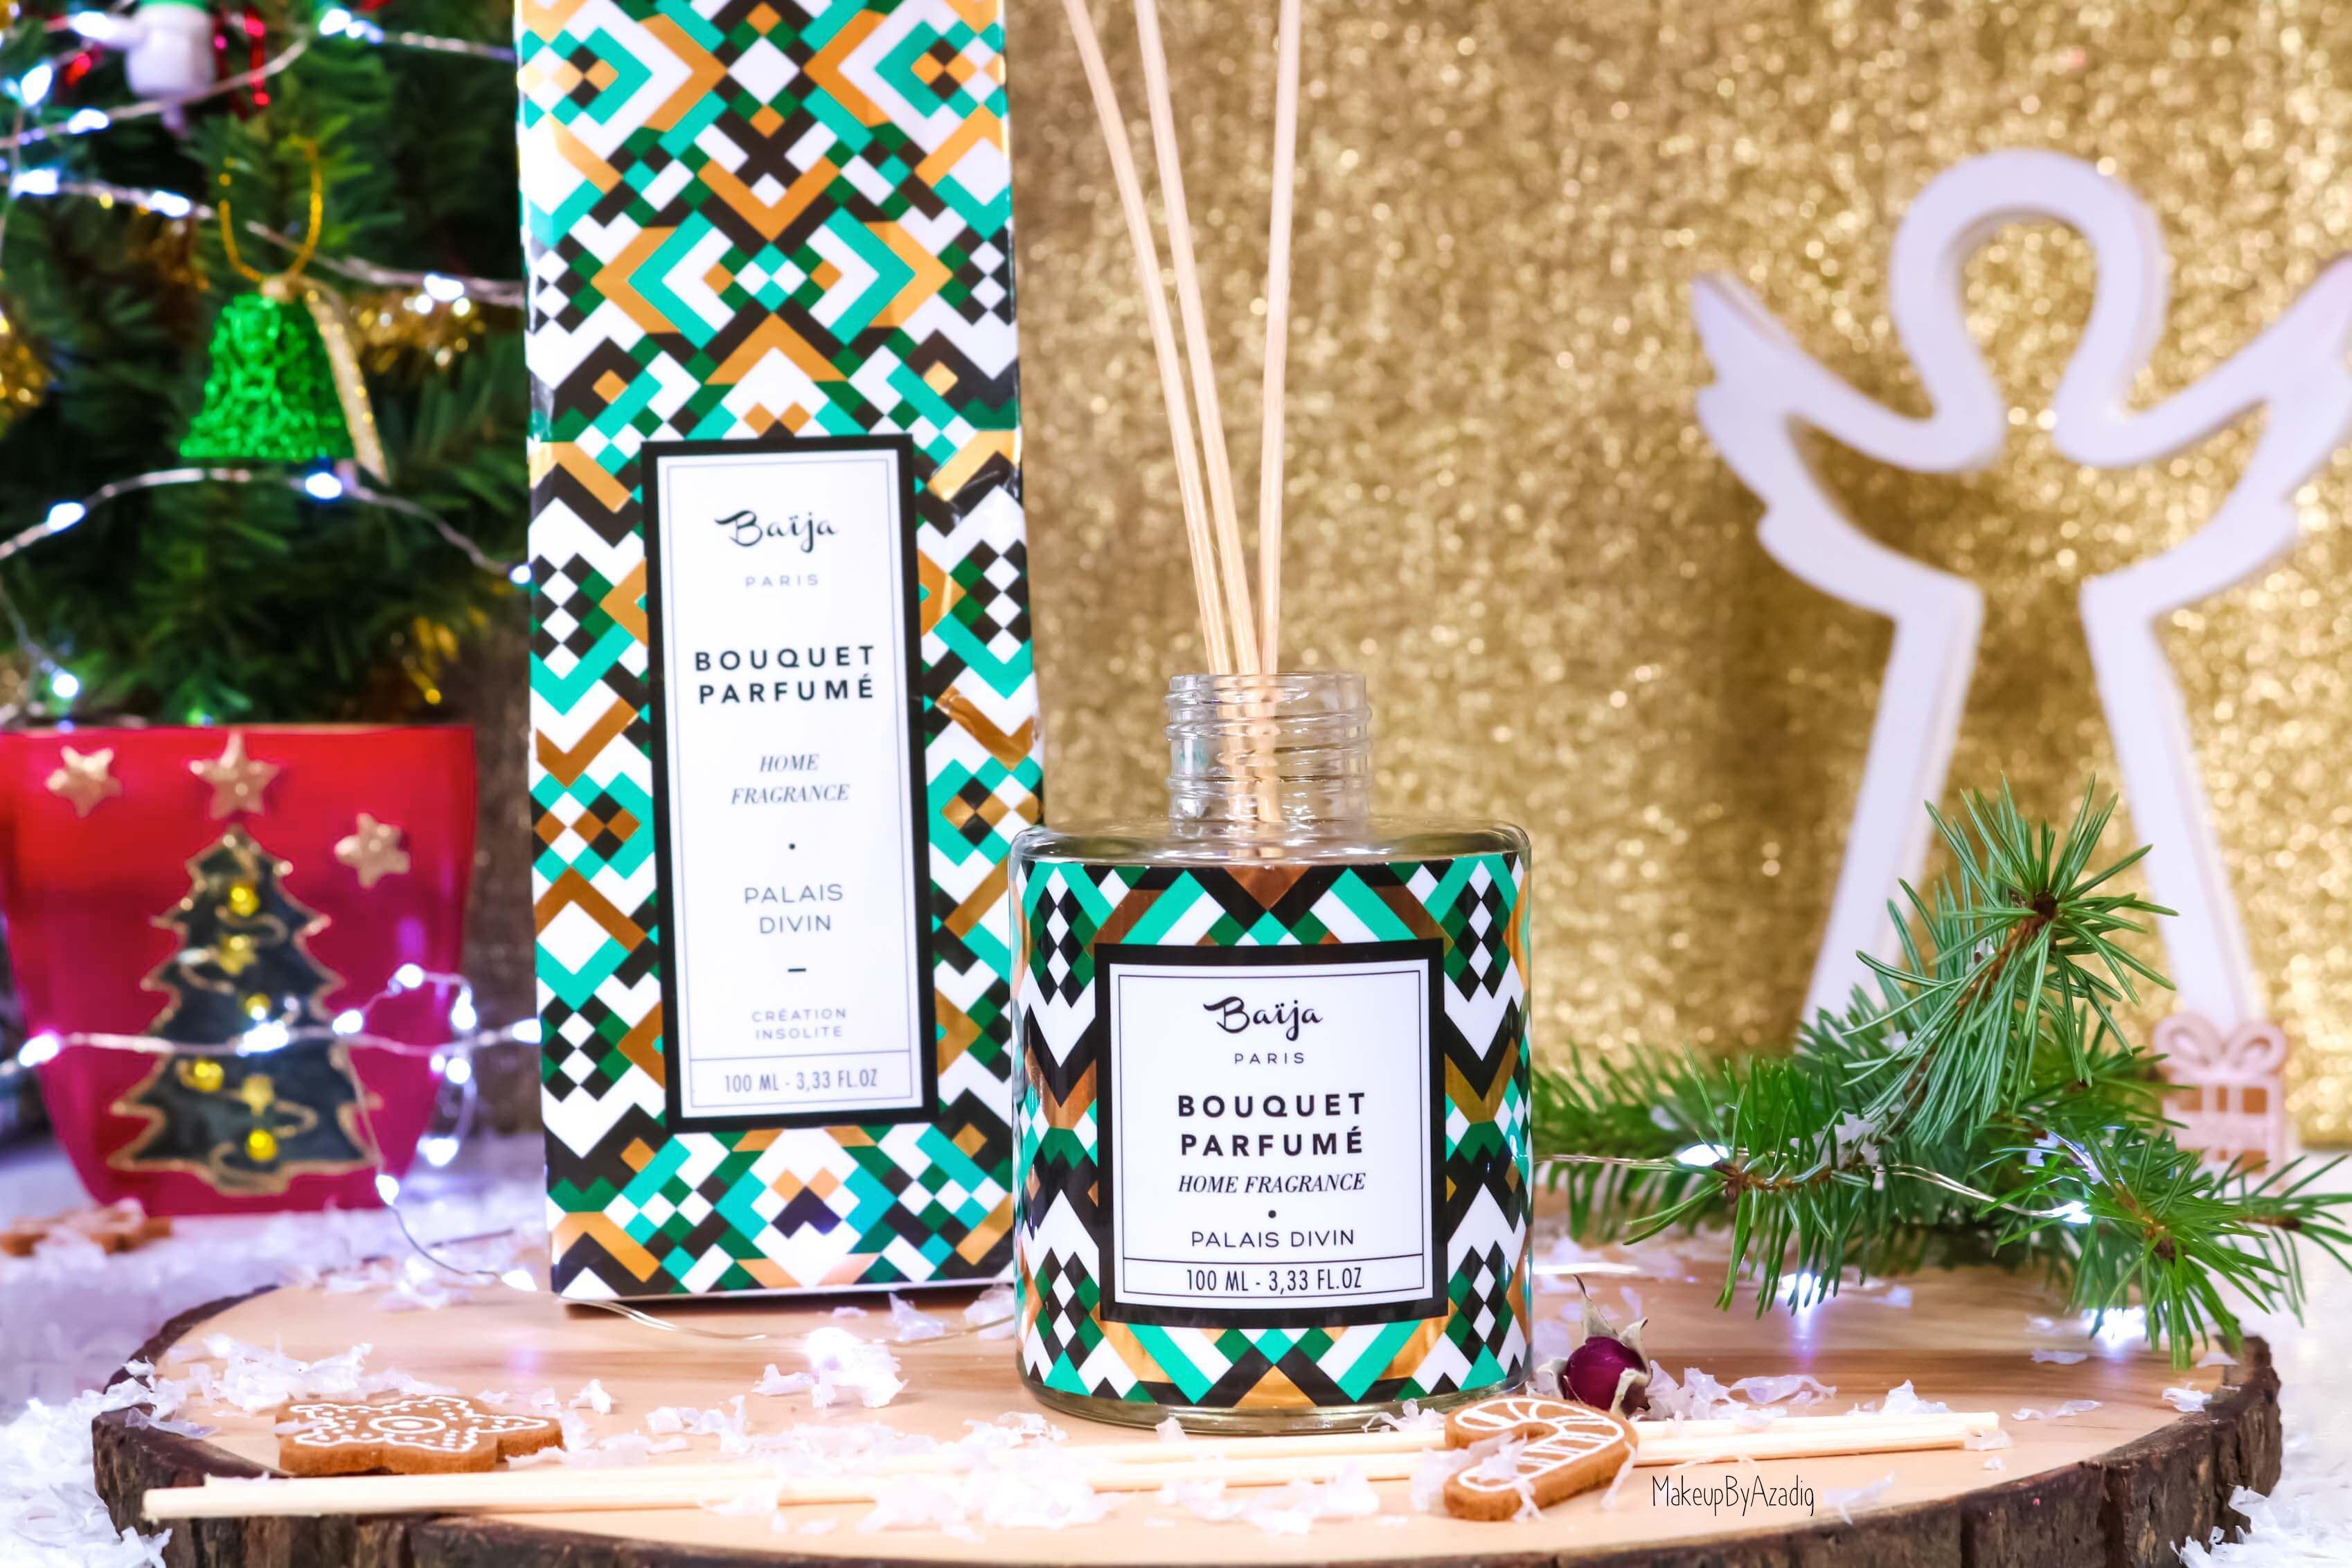 nouveaute-parfum-interieur-maison-baija-palais-divin-ambre-vanille-bougie-savon-marseille-bouquet-avis-prix-makeupbyazadig-fragrance